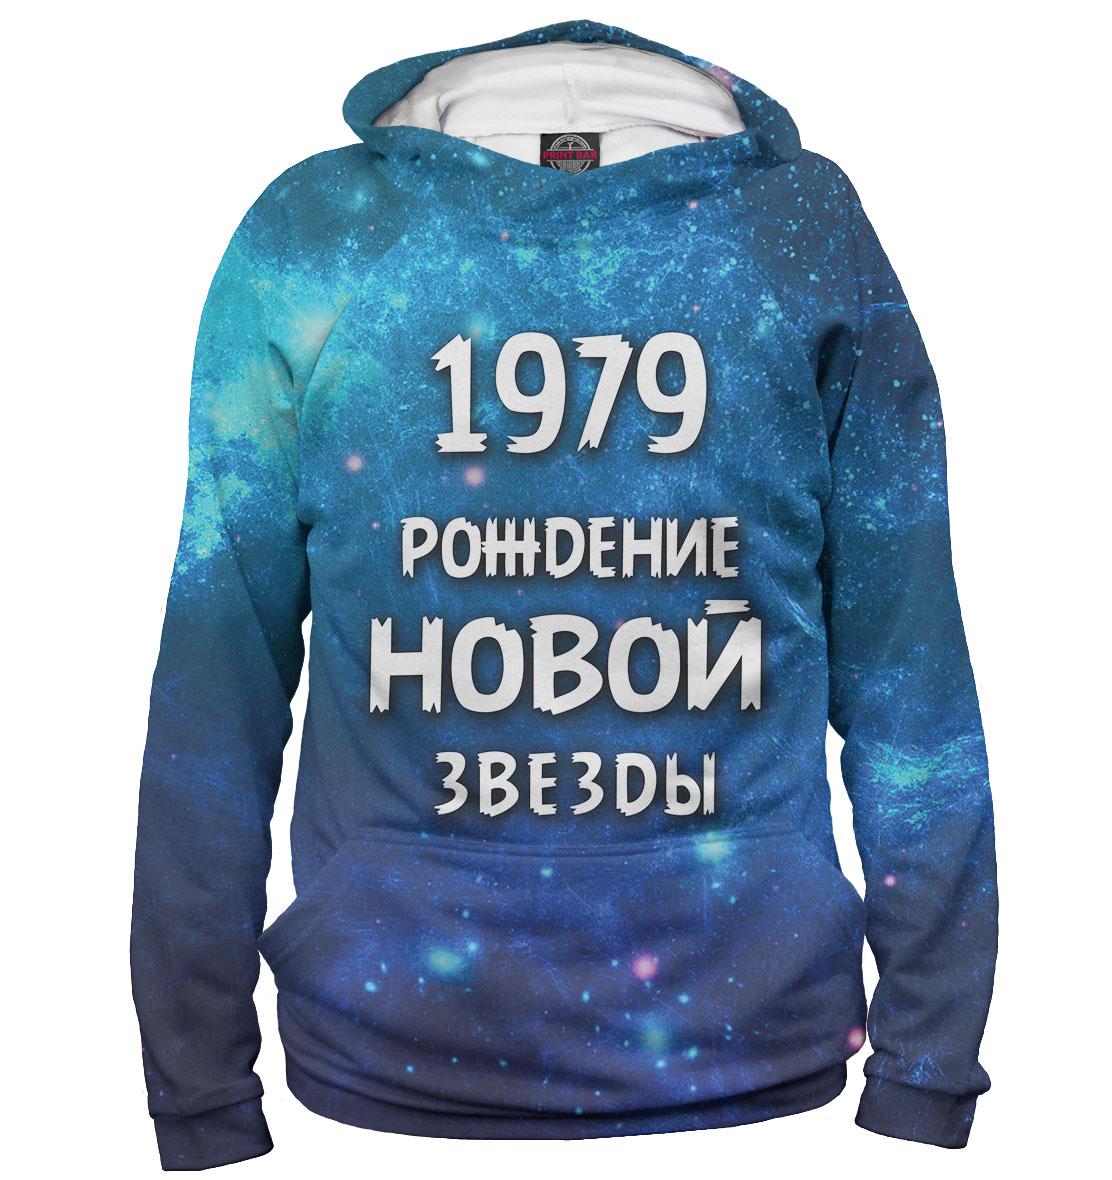 Купить 1979 — рождение новой звезды, Printbar, Худи, DSD-267859-hud-2